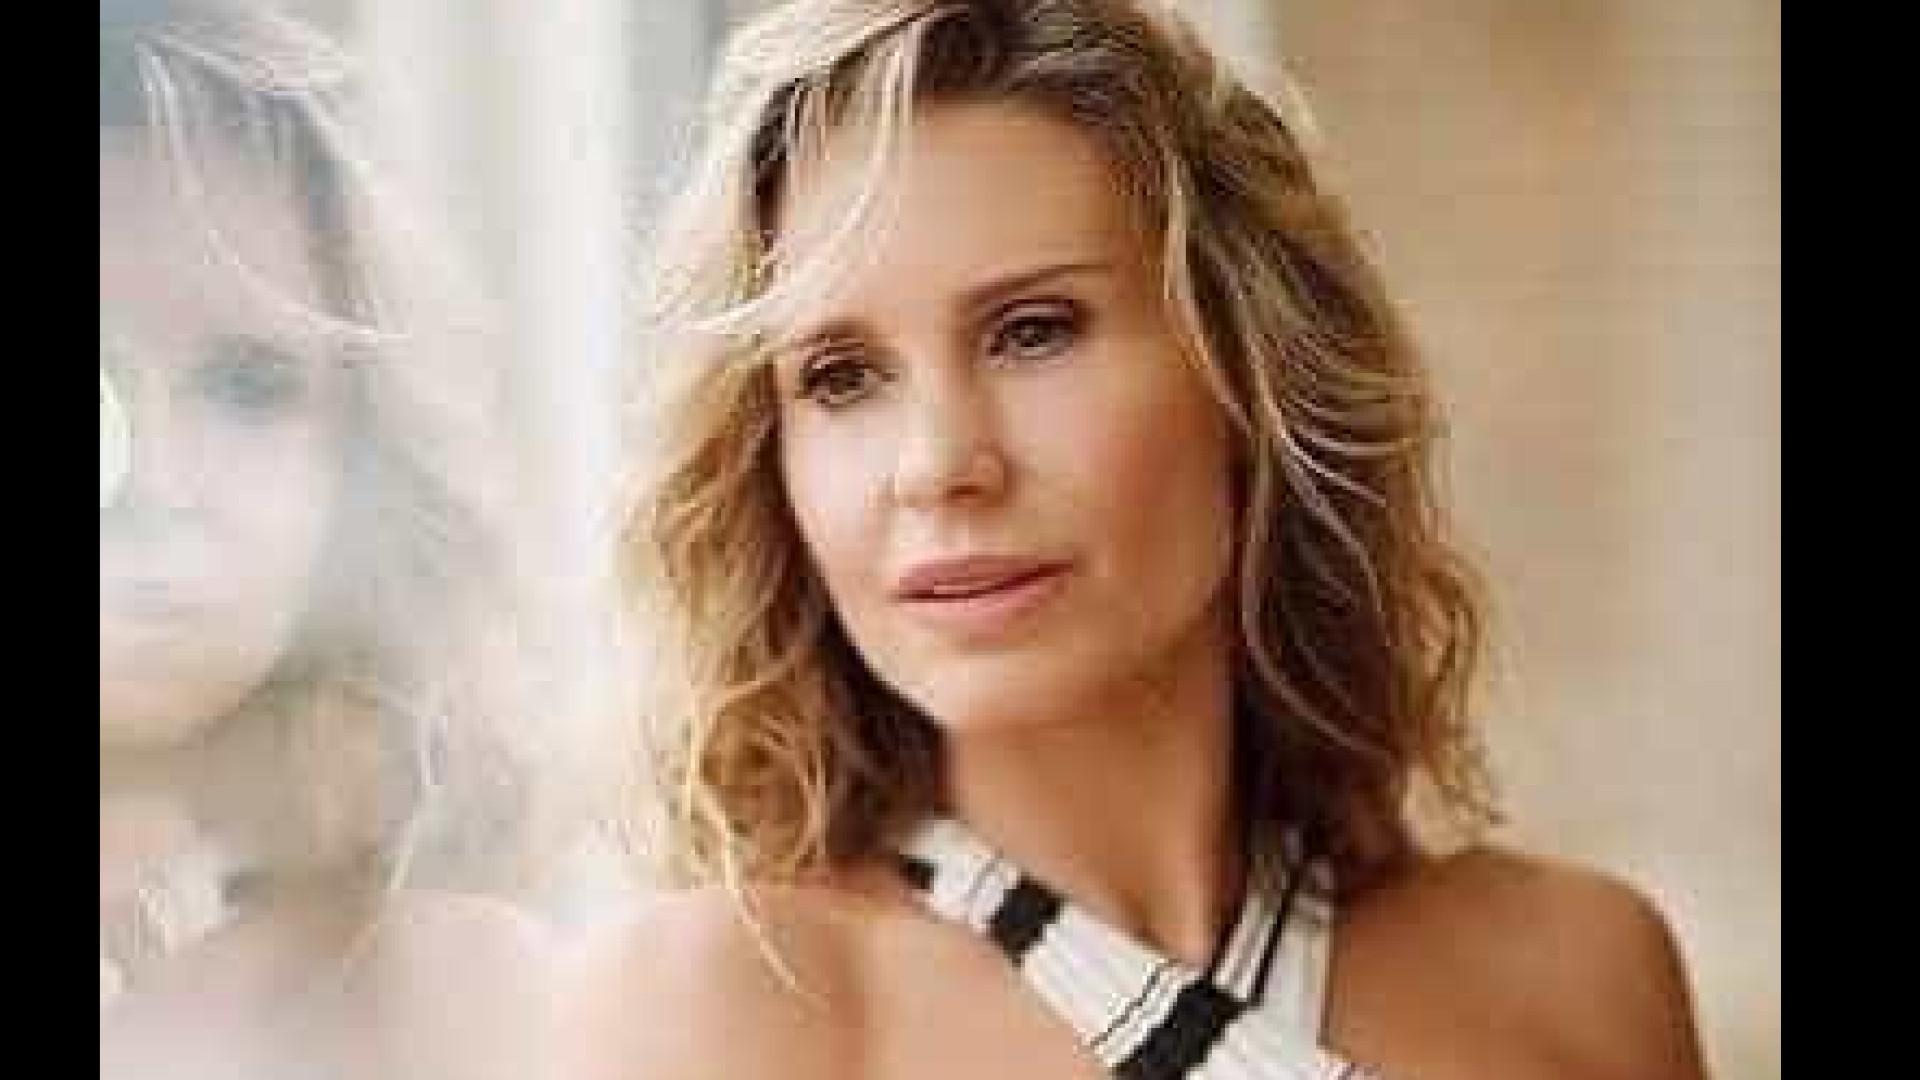 Yahoo terá de pagar R$ 17,9 milhões à atriz Paula Burlamaqui